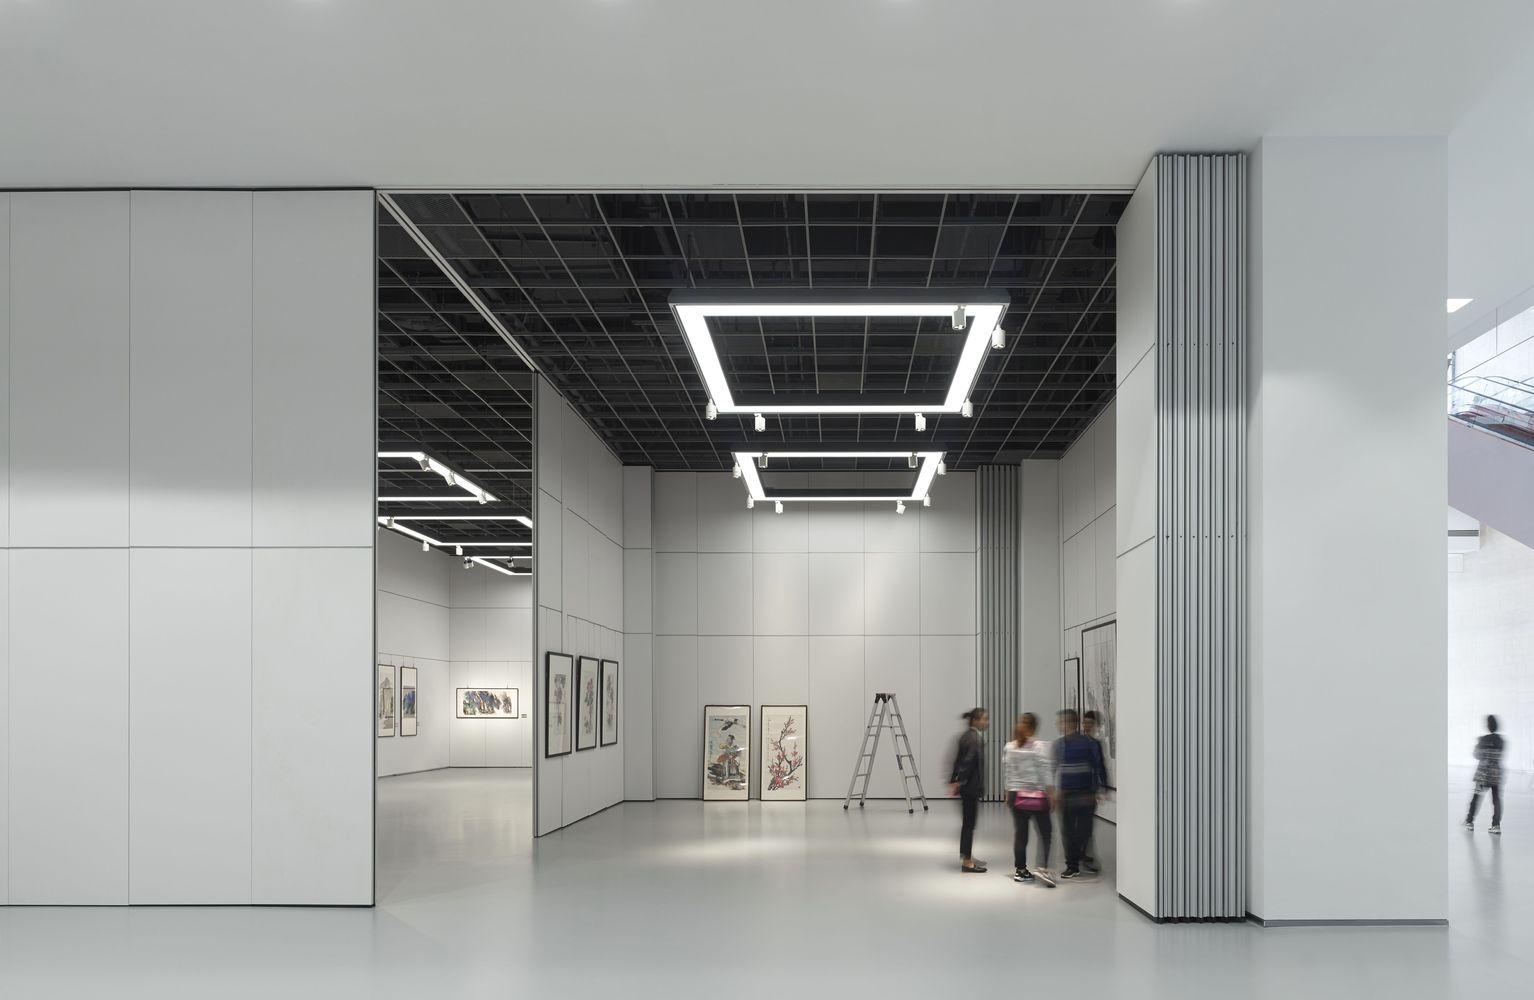 天津滨海新区文化中心滨海美术馆建筑设计 / GMP